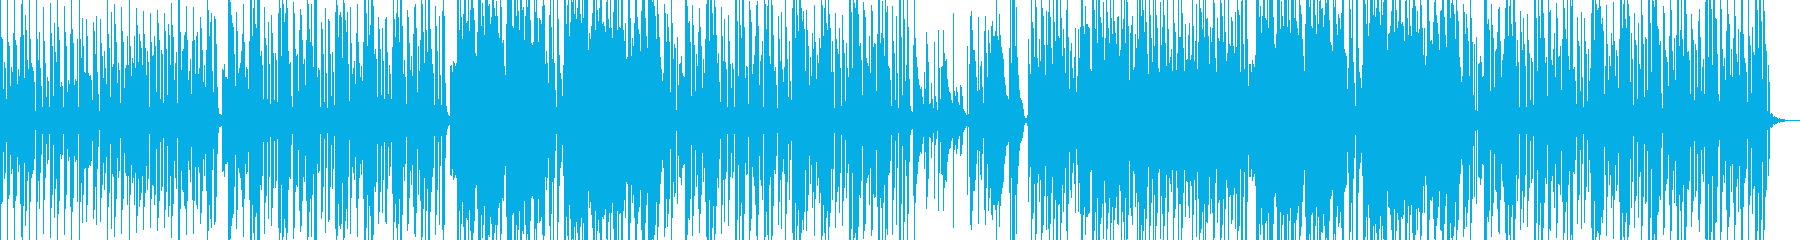 軽快なピアノから楽しげな笛のメロディーの再生済みの波形